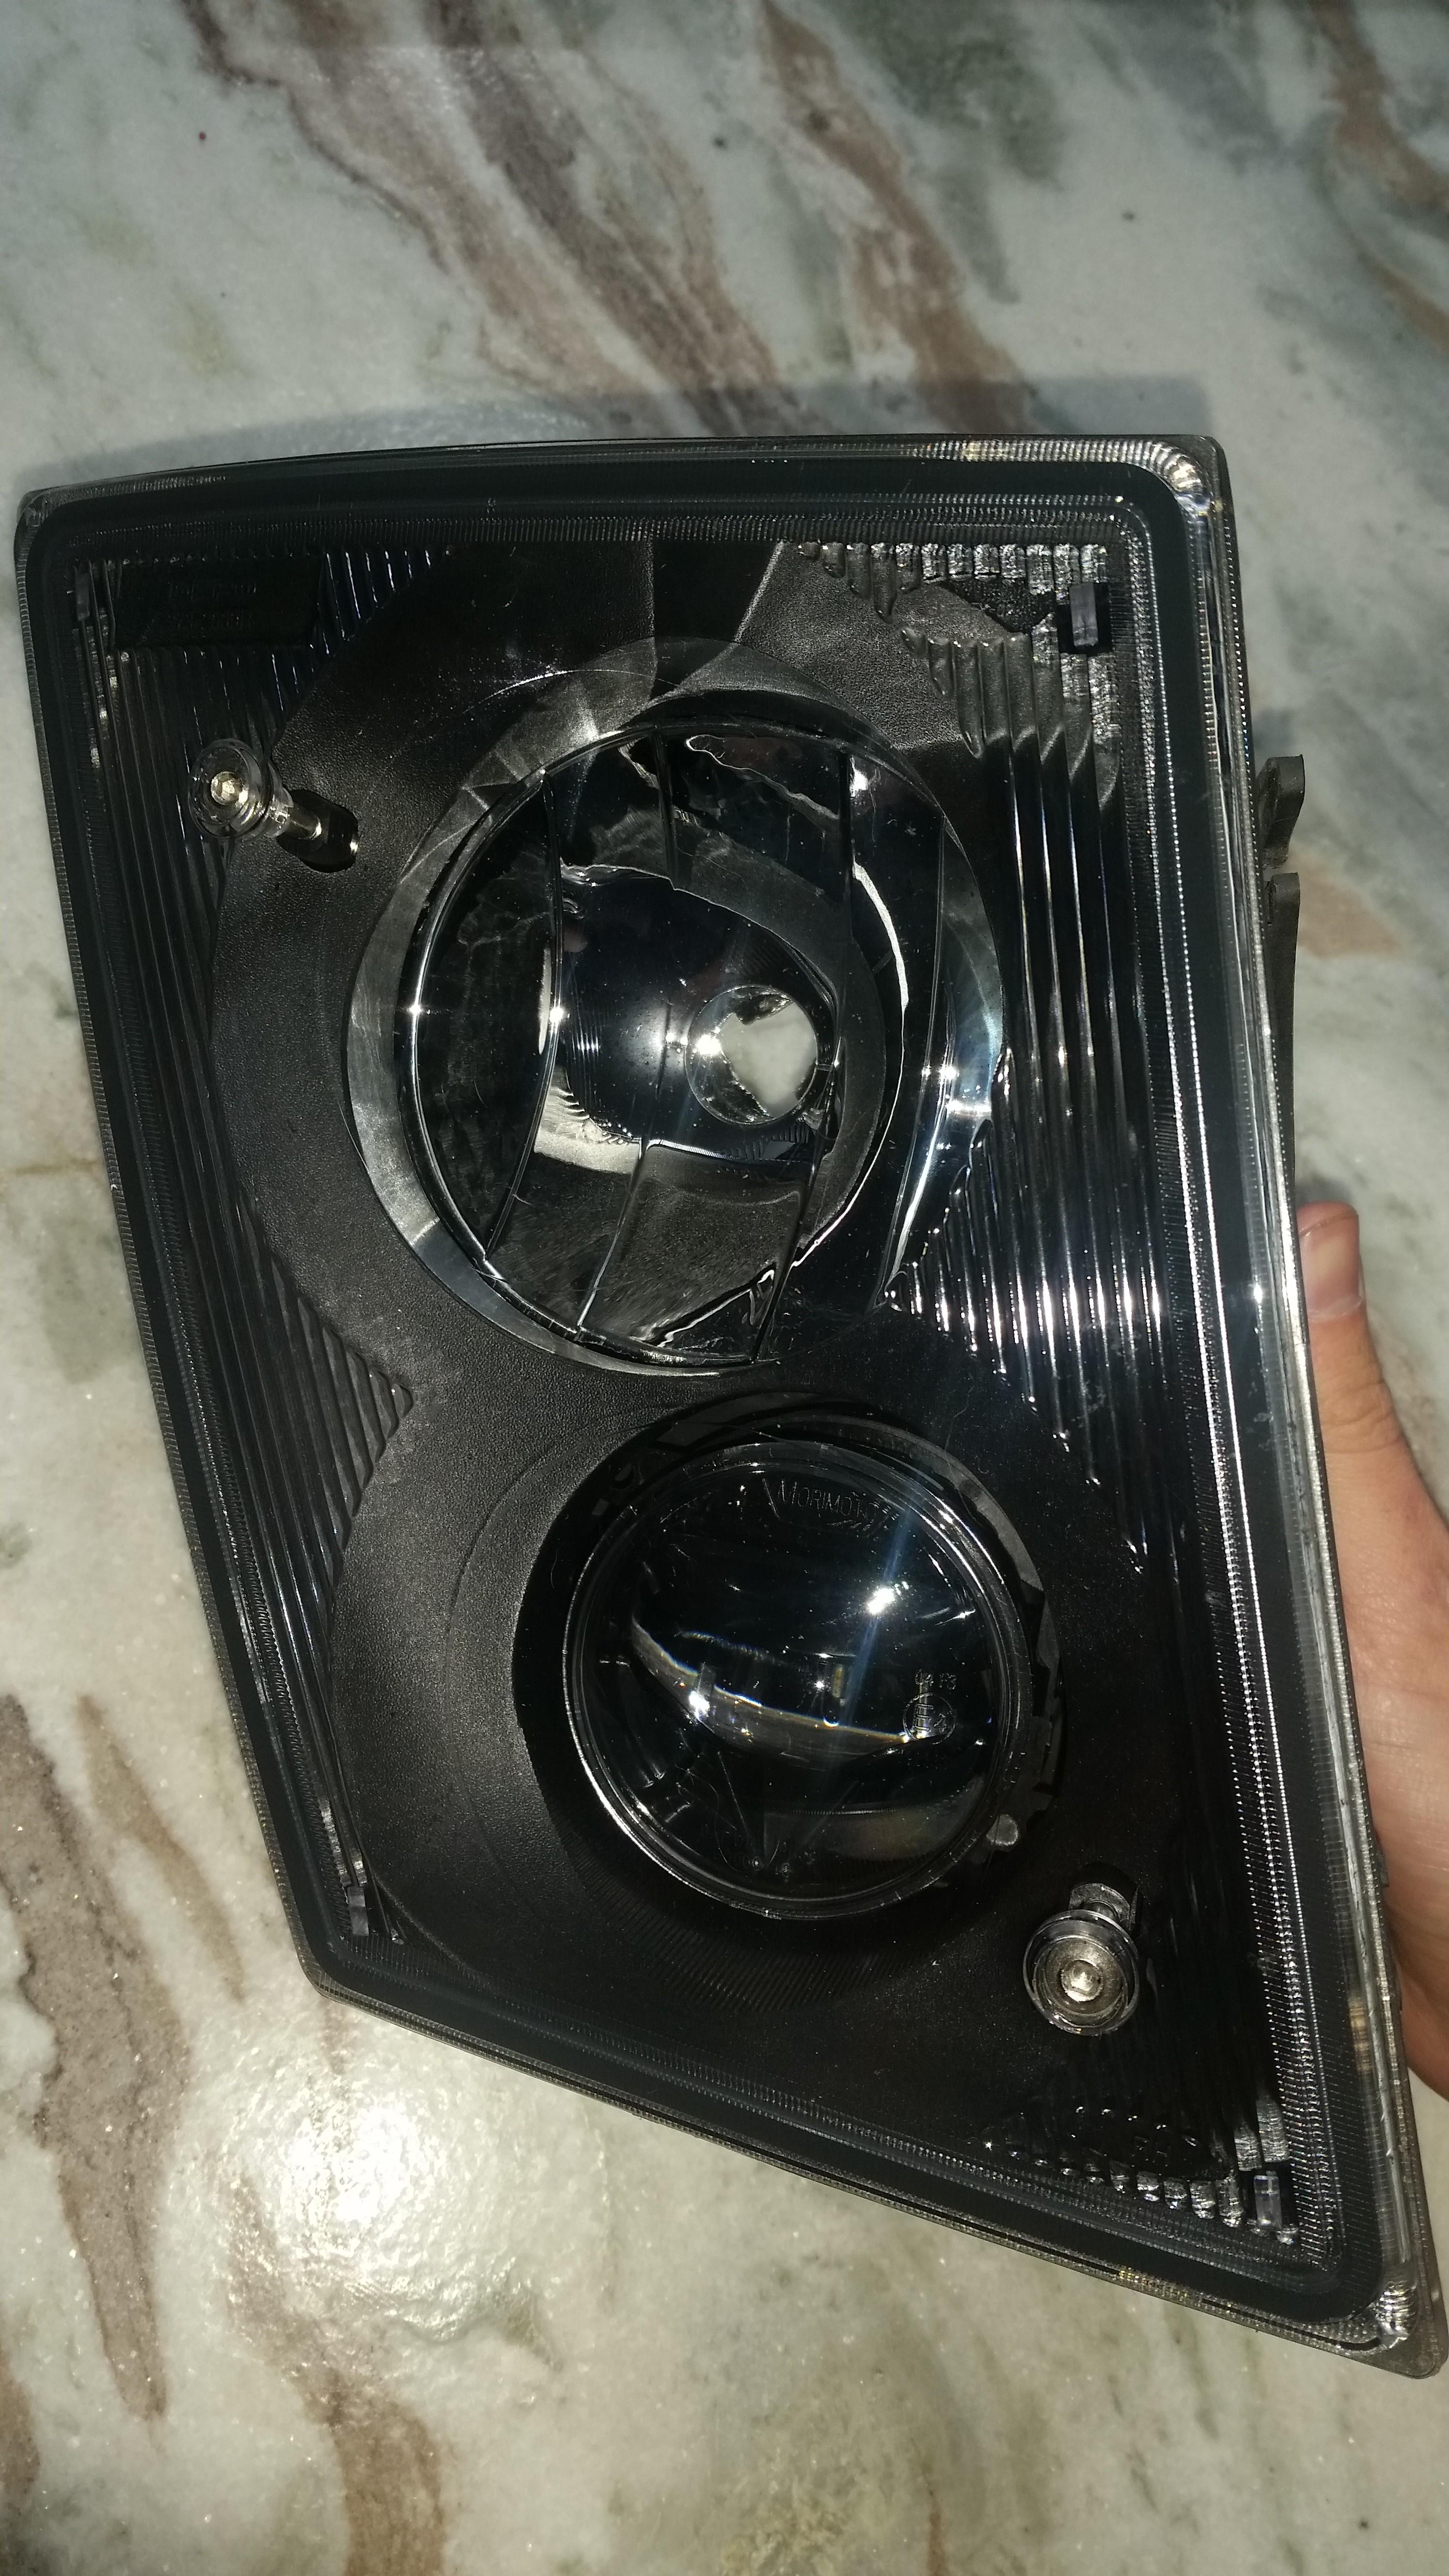 Led Replacement Headlight Bulbs >> Volvo VNL LED Fog Light Kit - Deep Space Lighting